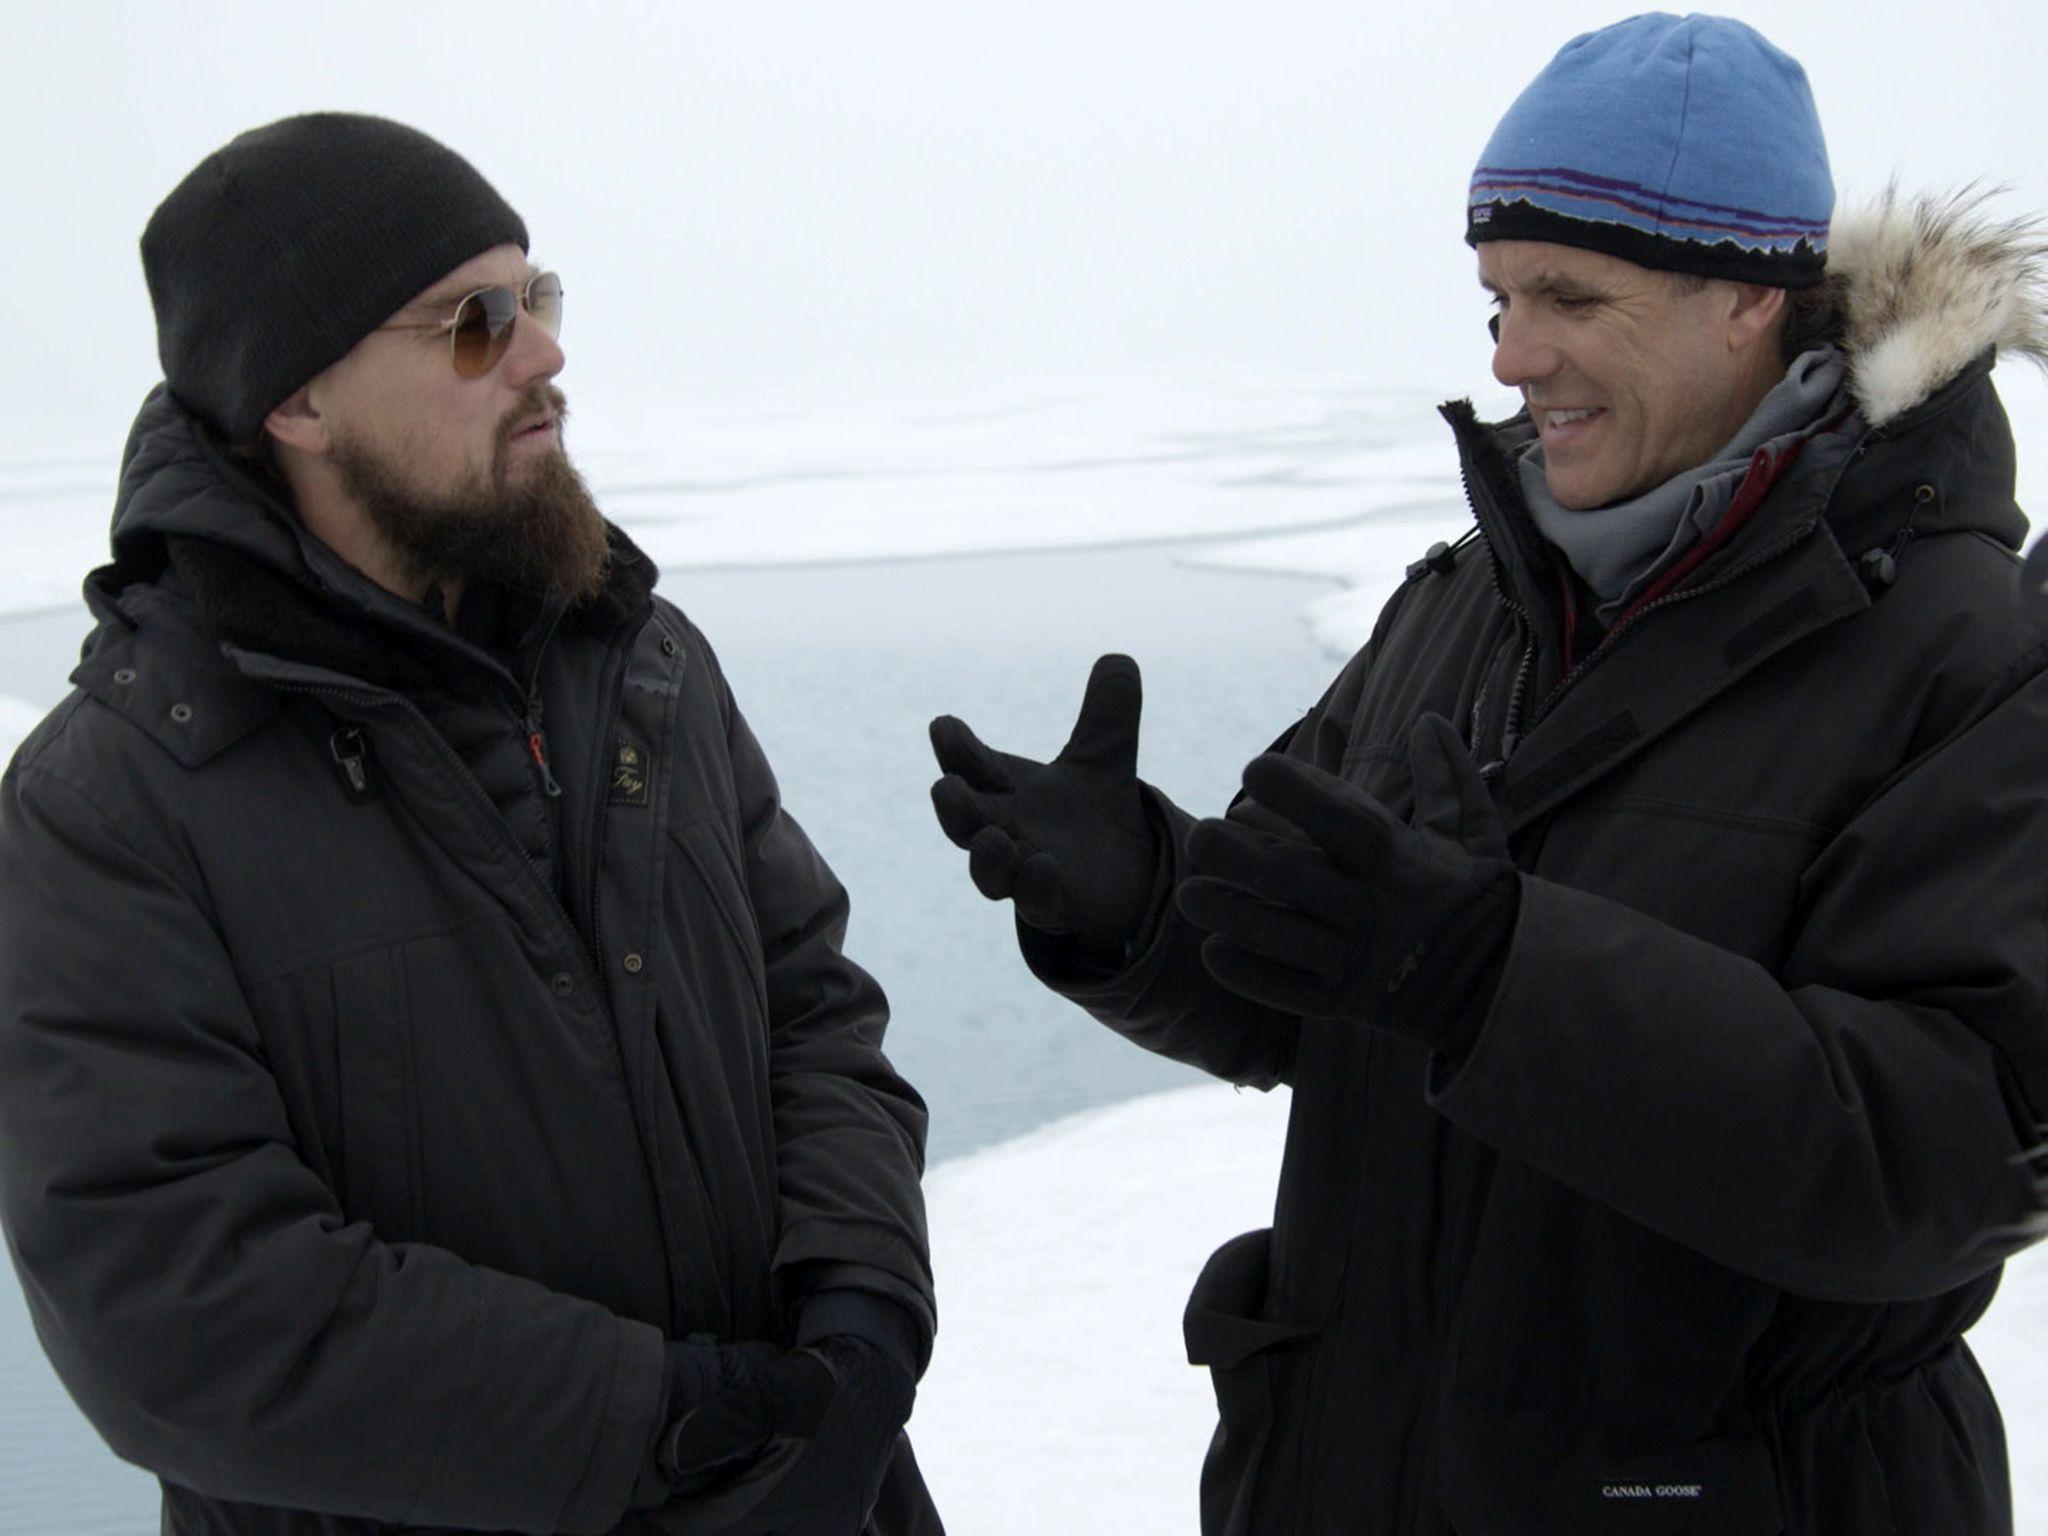 في القطب الشمالي: يُجري ليناردو مقابلة مع إينريك... [Photo of the day - أكتوبر 2016]